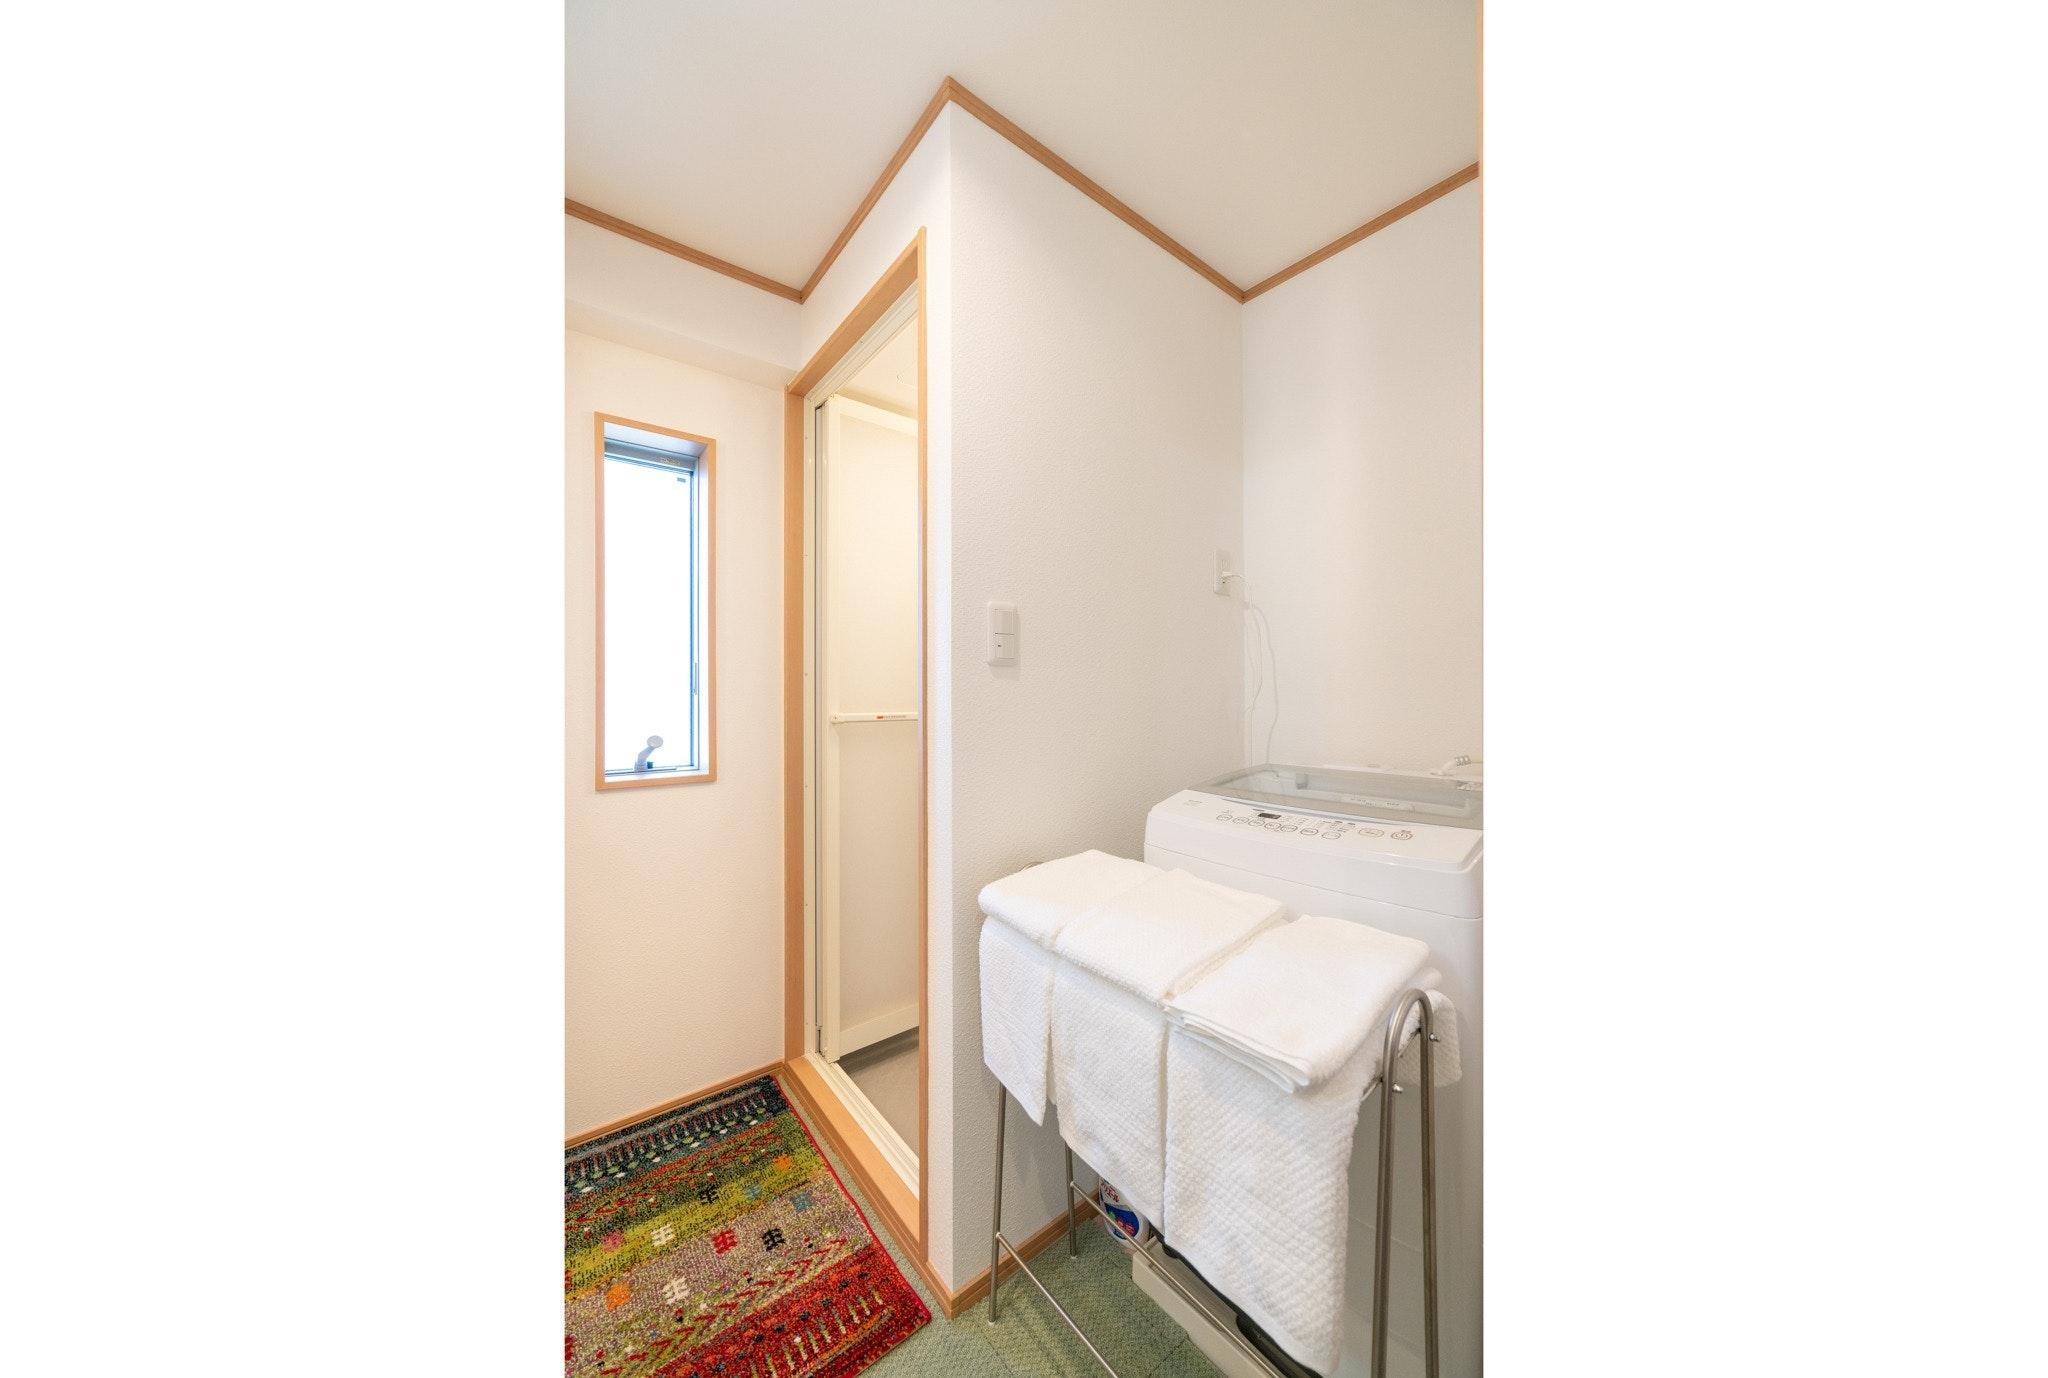 303号室/新築高級住宅/JR線徒歩2分/無料高速Wi-Fi/池袋17分新宿27分